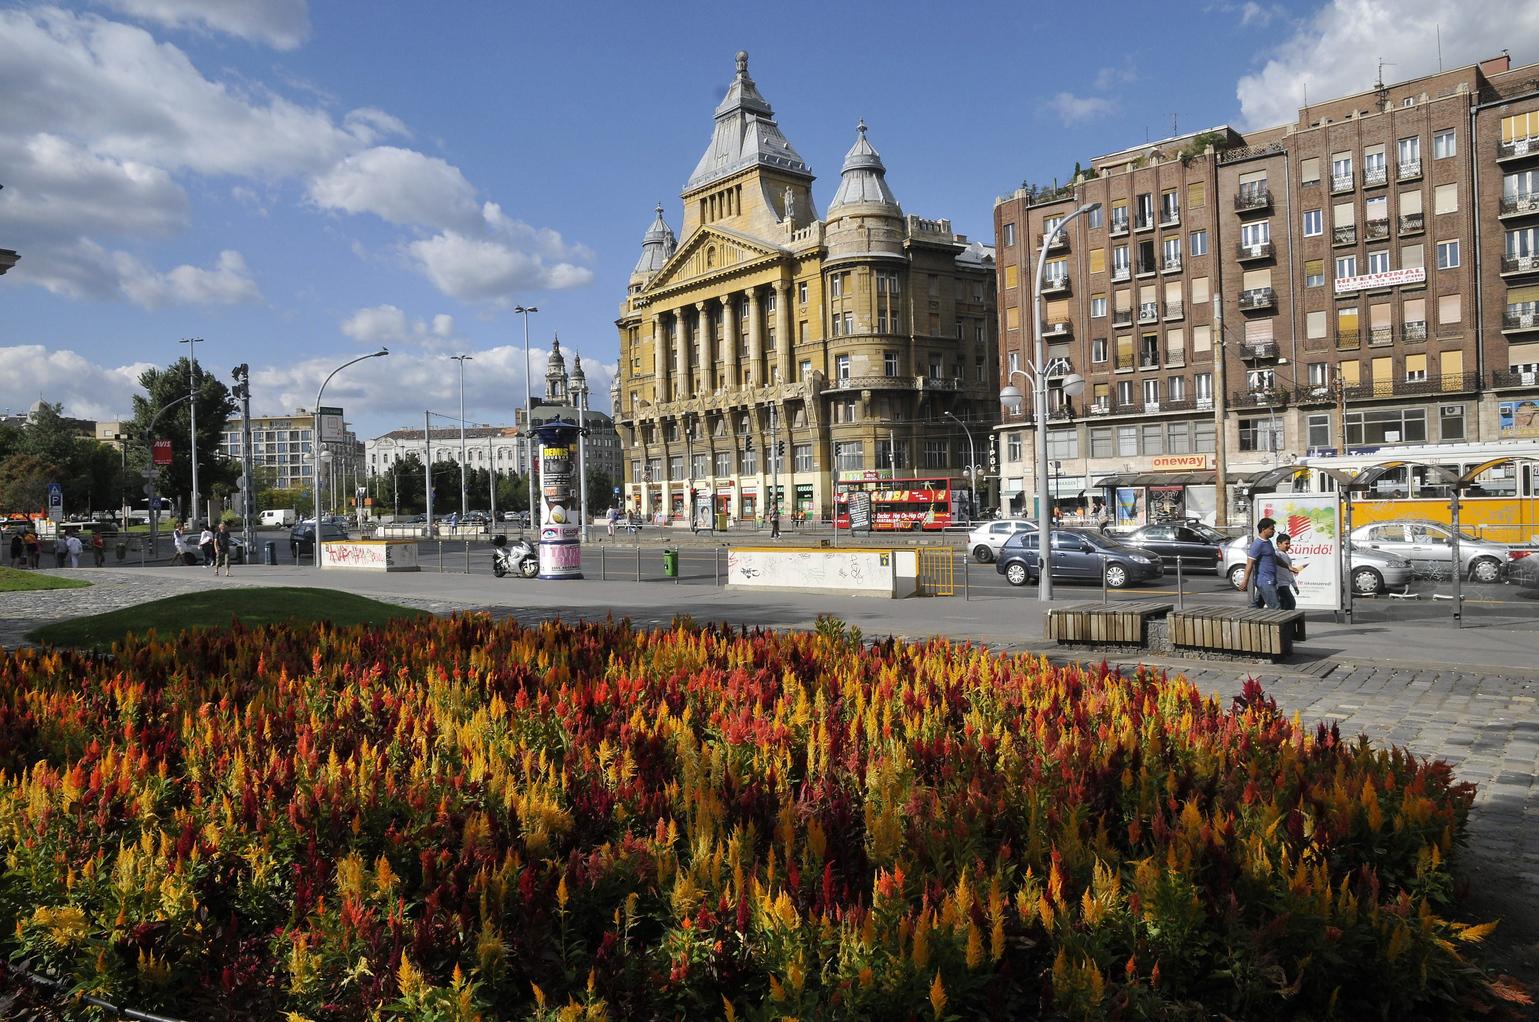 Budapest, 2009. szeptember 9.  Az Anker-ház (k), mellette jobbra a Madách-házak egyik épülete a Károly körúton. Az előtérben a Városháza park részlete látható. MTI Fotó: Kovács Sándor